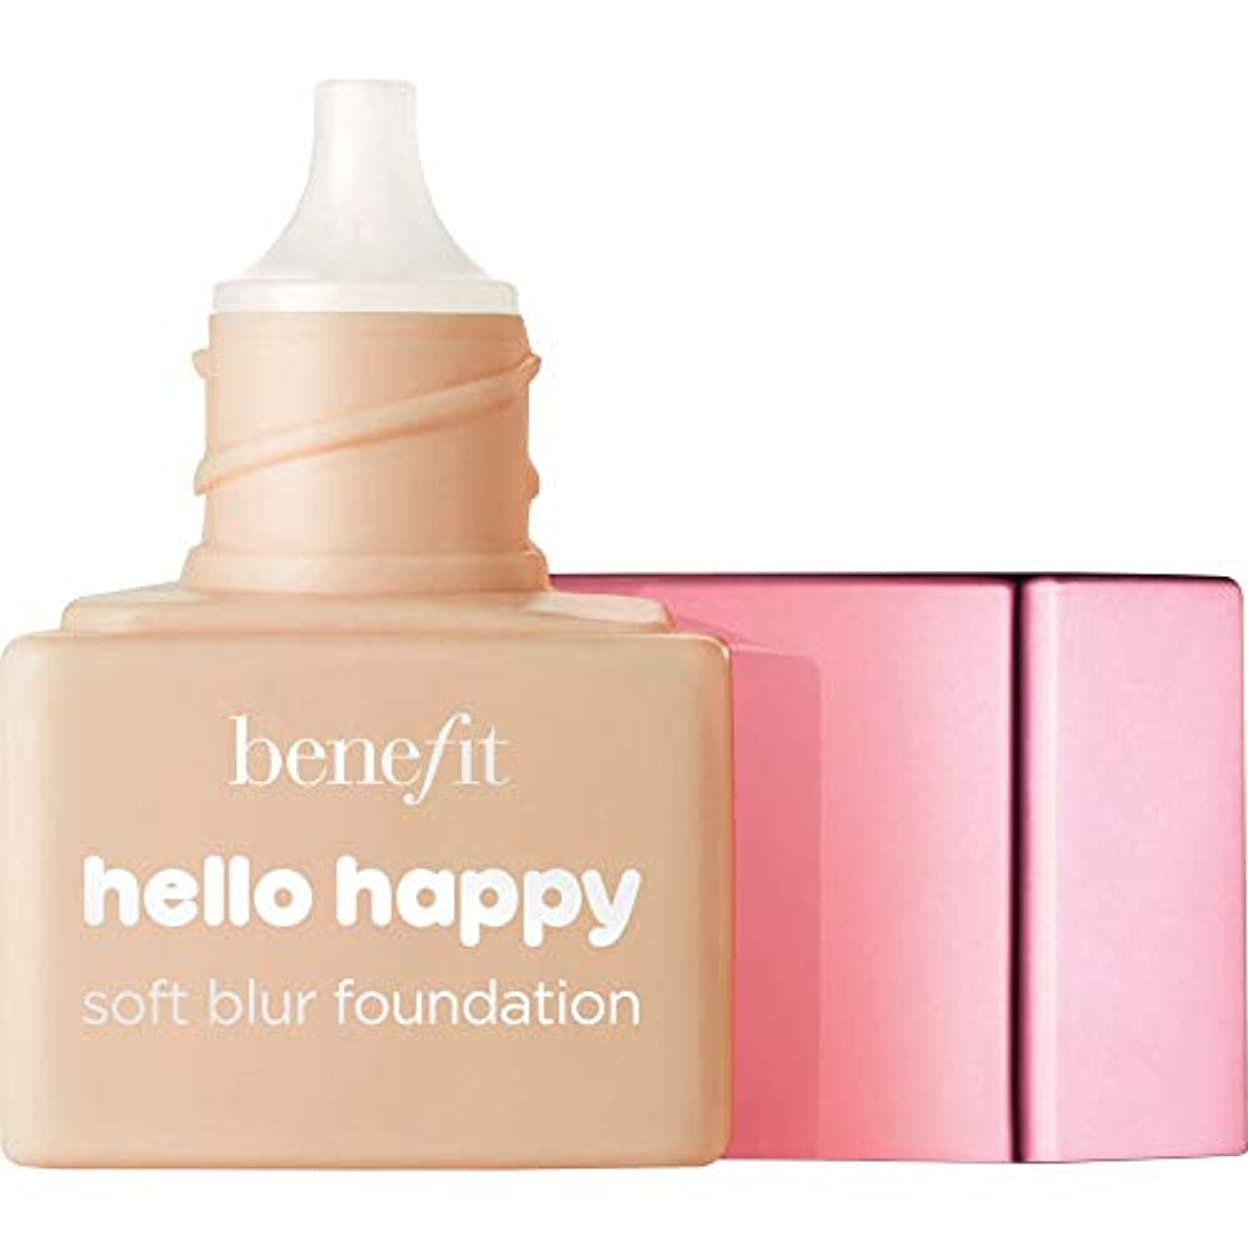 鳴り響くタブレットり[Benefit ] ミニ4 - - こんにちは幸せソフトブラー基礎Spf15の6ミリリットルの利益中性媒体中 - Benefit Hello Happy Soft Blur Foundation SPF15 6ml -...